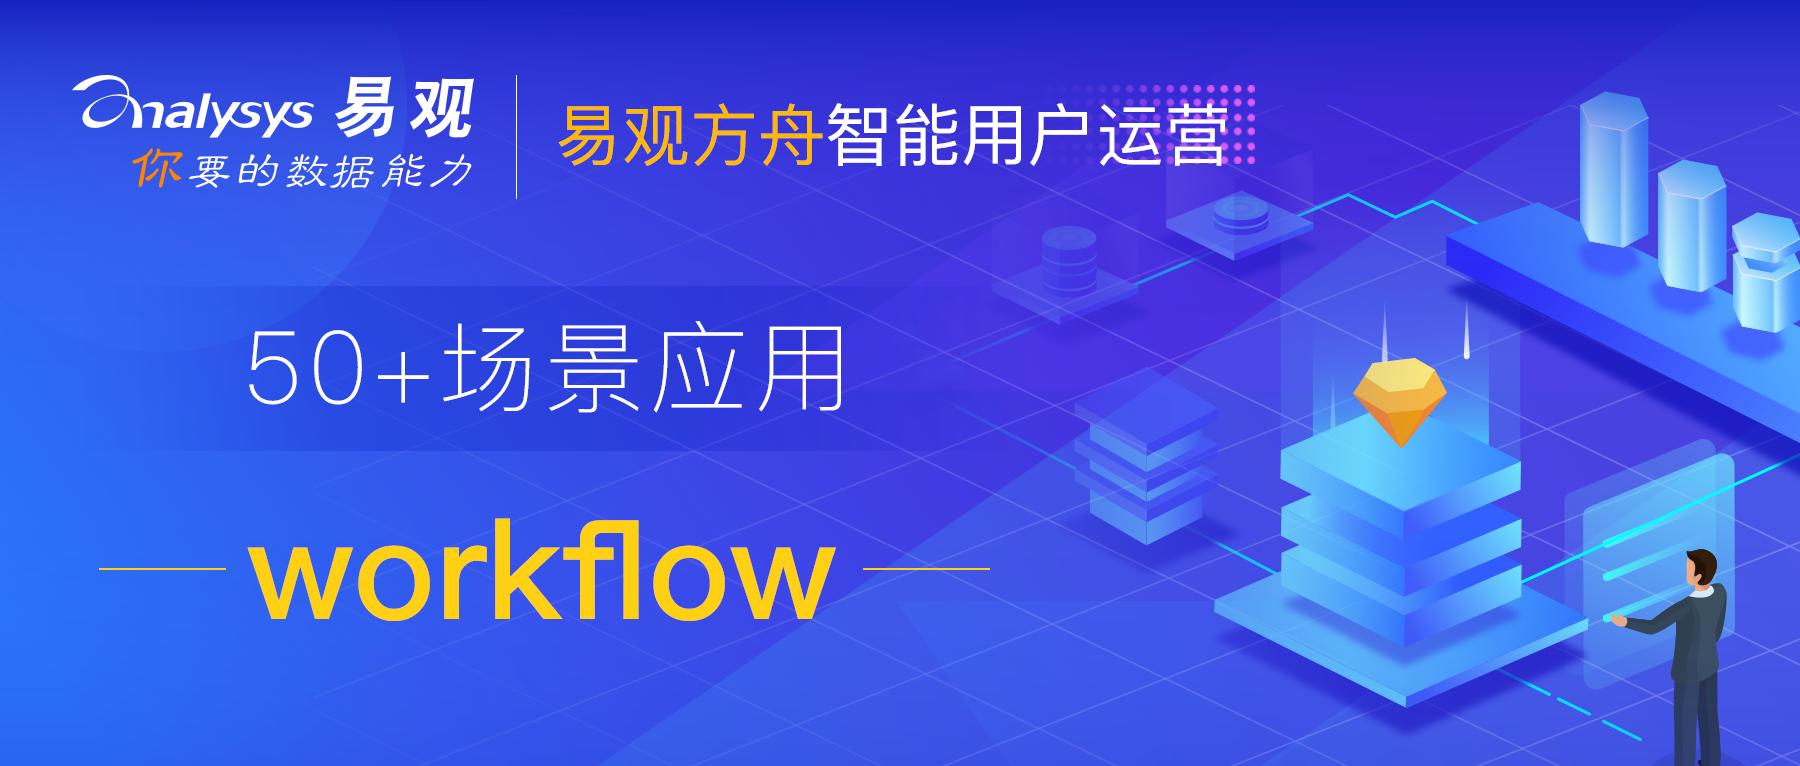 用户运营策略武器:自动化工作流workflow